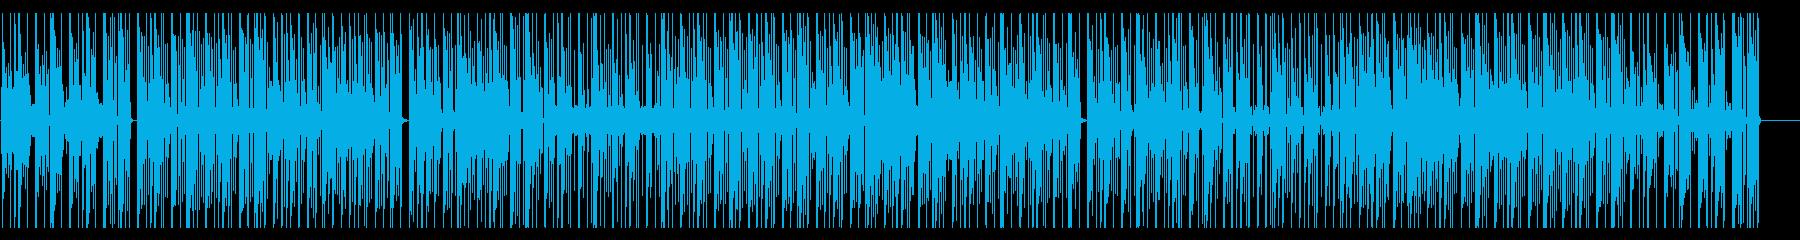 未来 ロボット IT系 CM 企業VPの再生済みの波形